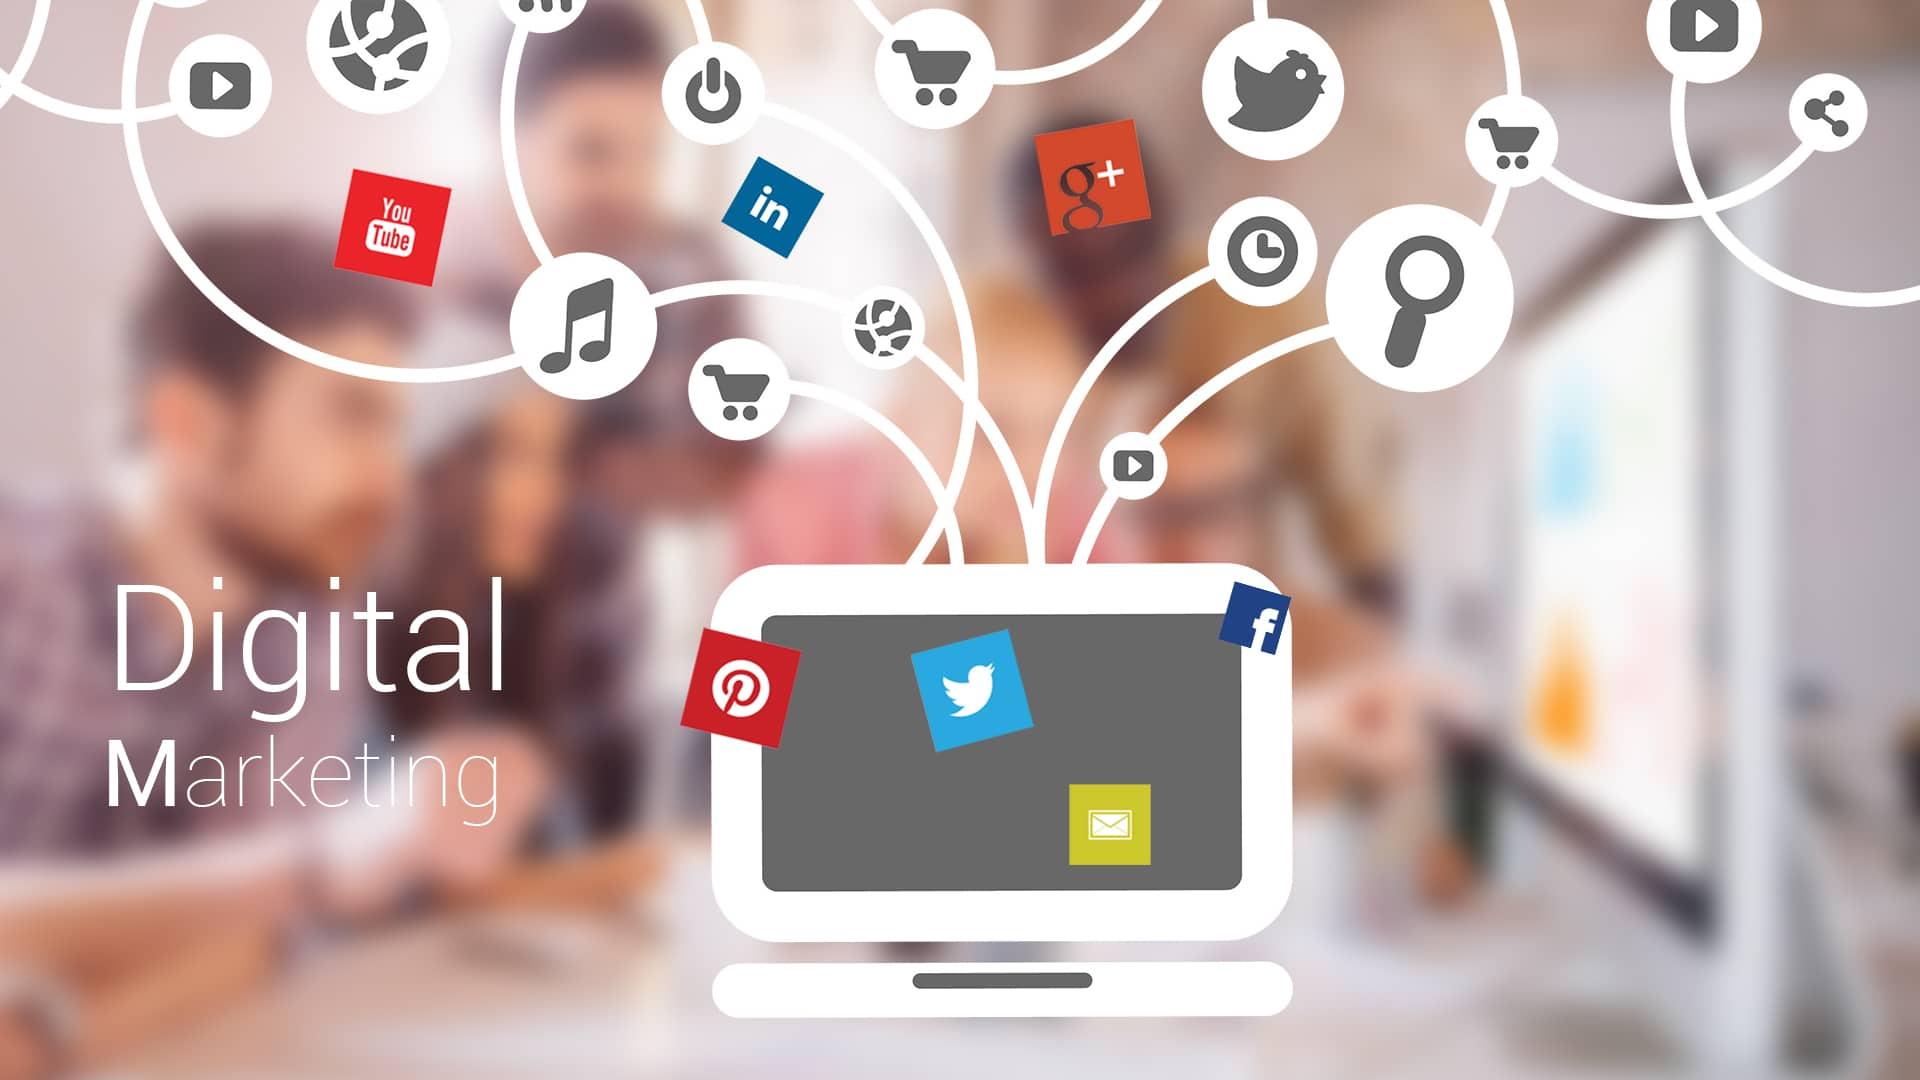 Digital Marketing firm